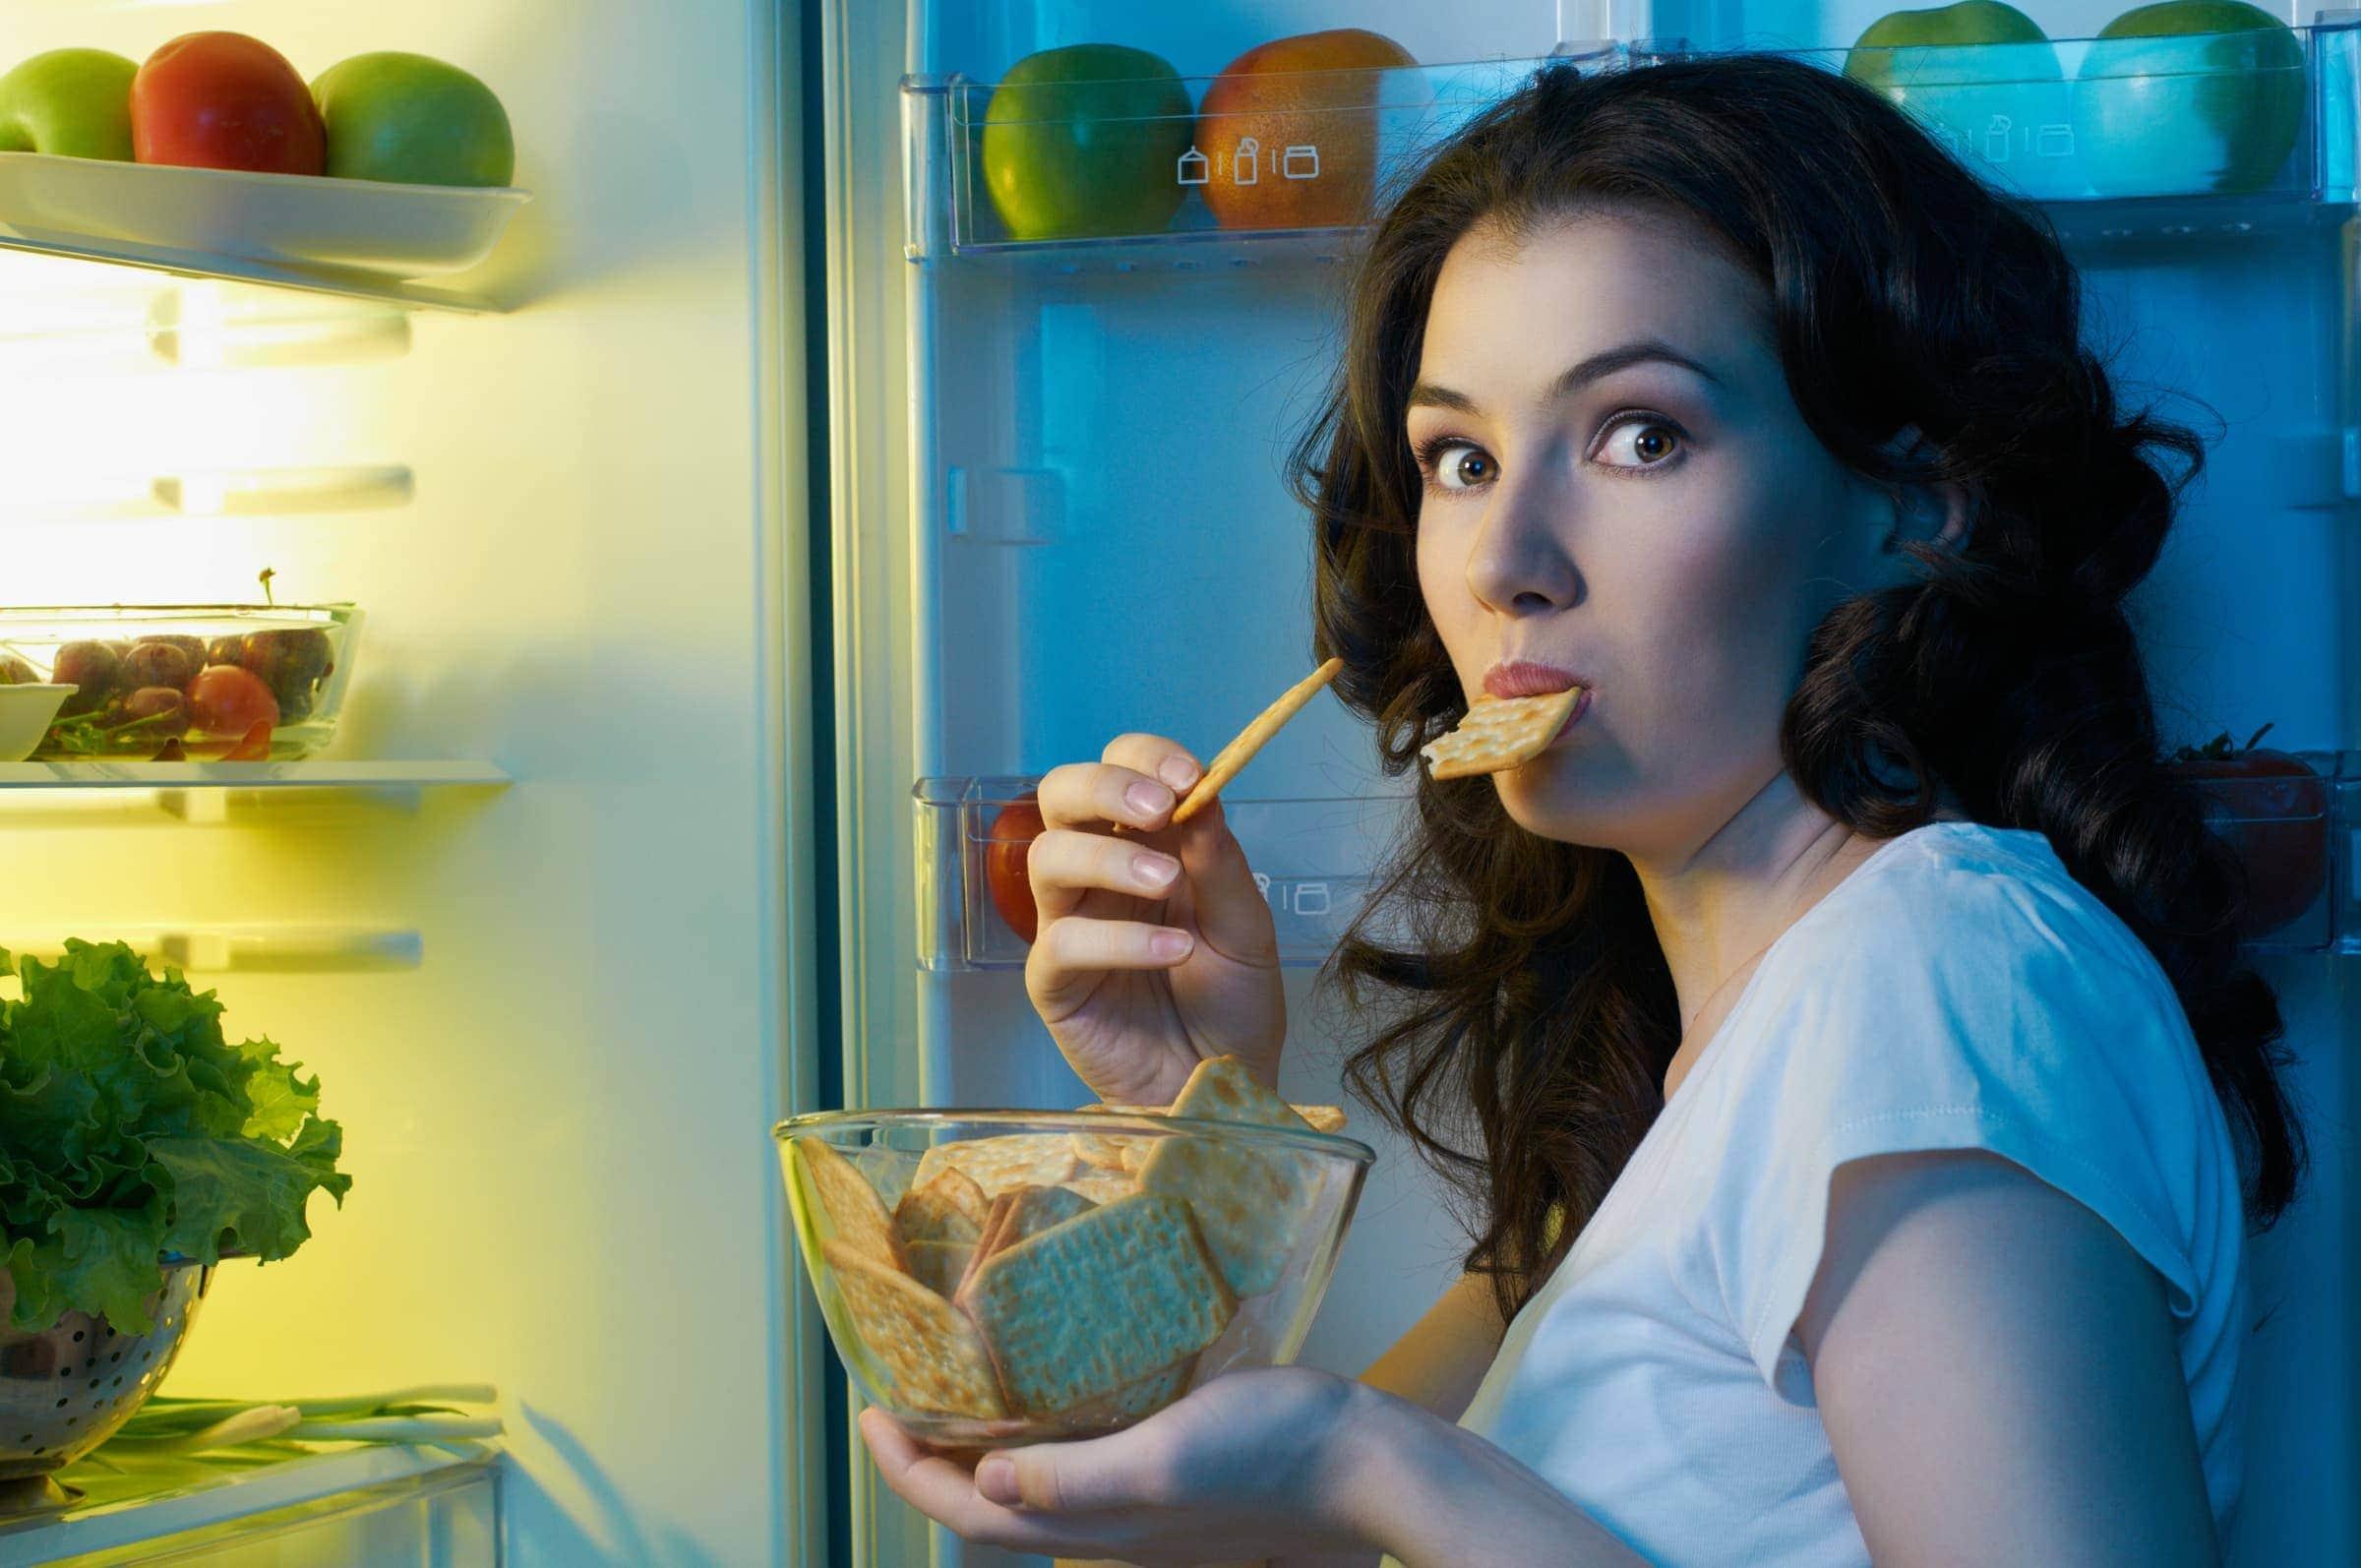 Mangiare Per Noia Ecco Come Smettere